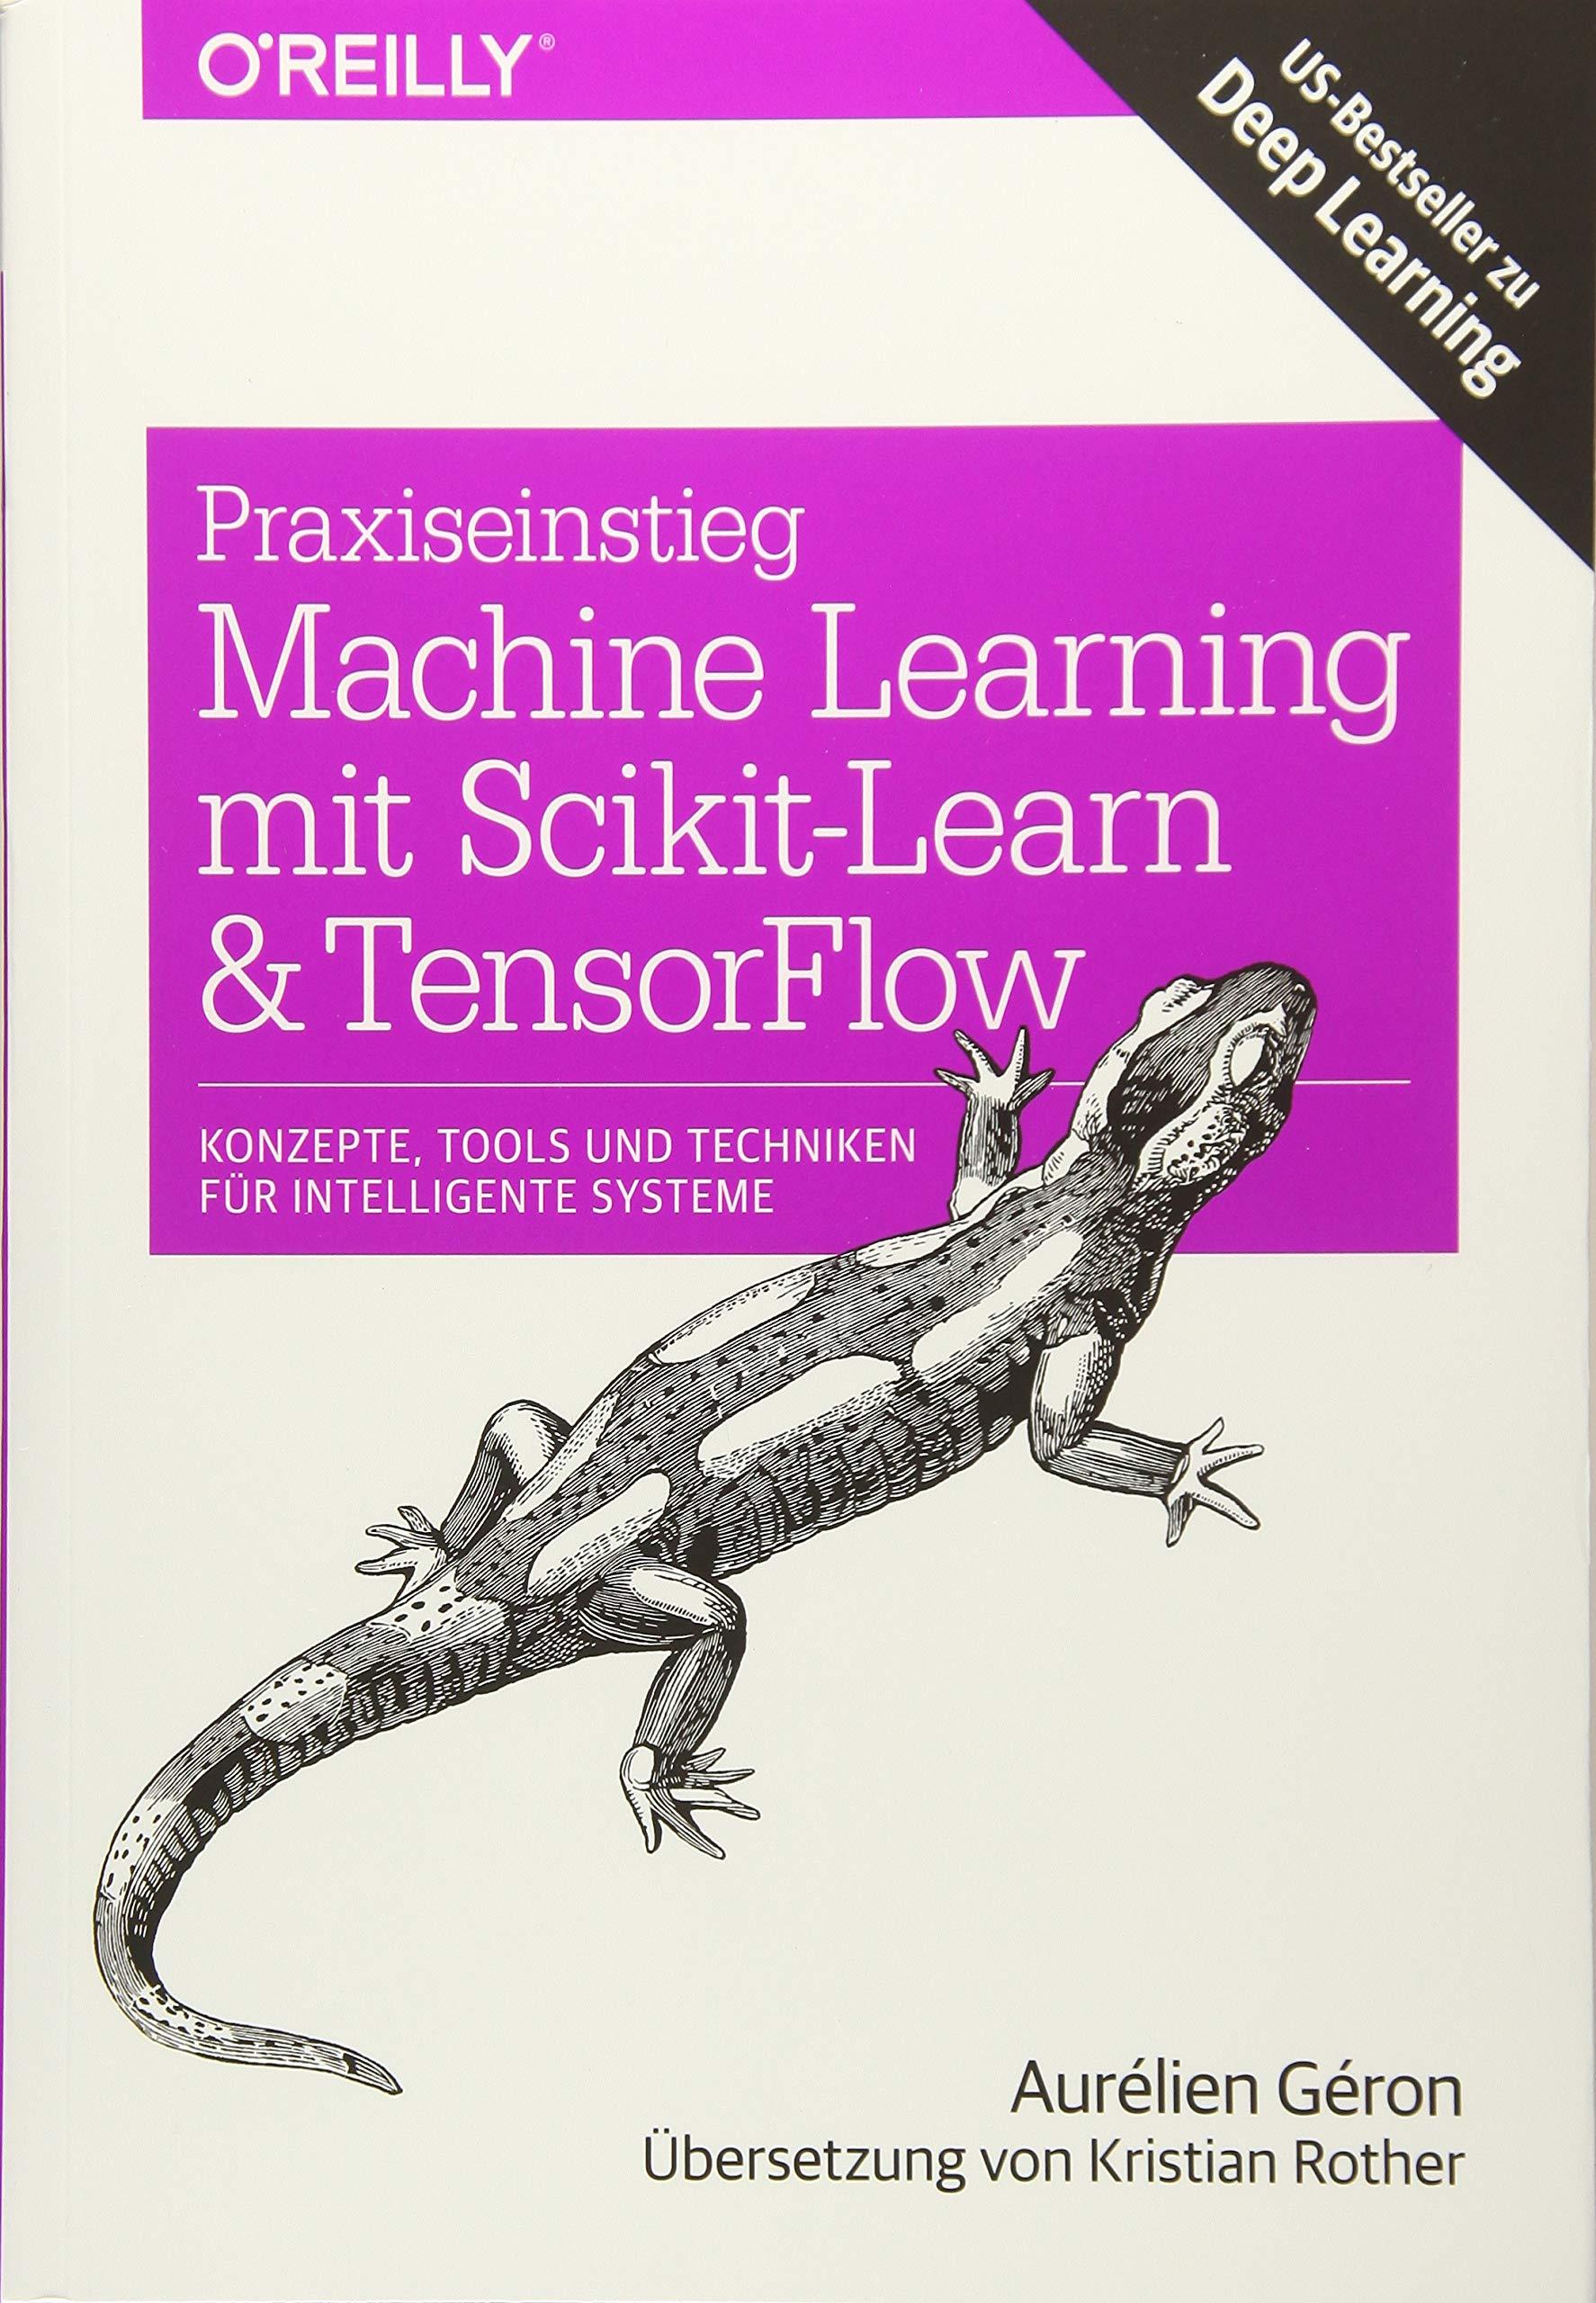 Praxiseinstieg Machine Learning mit Scikit-Learn und TensorFlow: Konzepte, Tools und Techniken für intelligente Systeme (Animals)